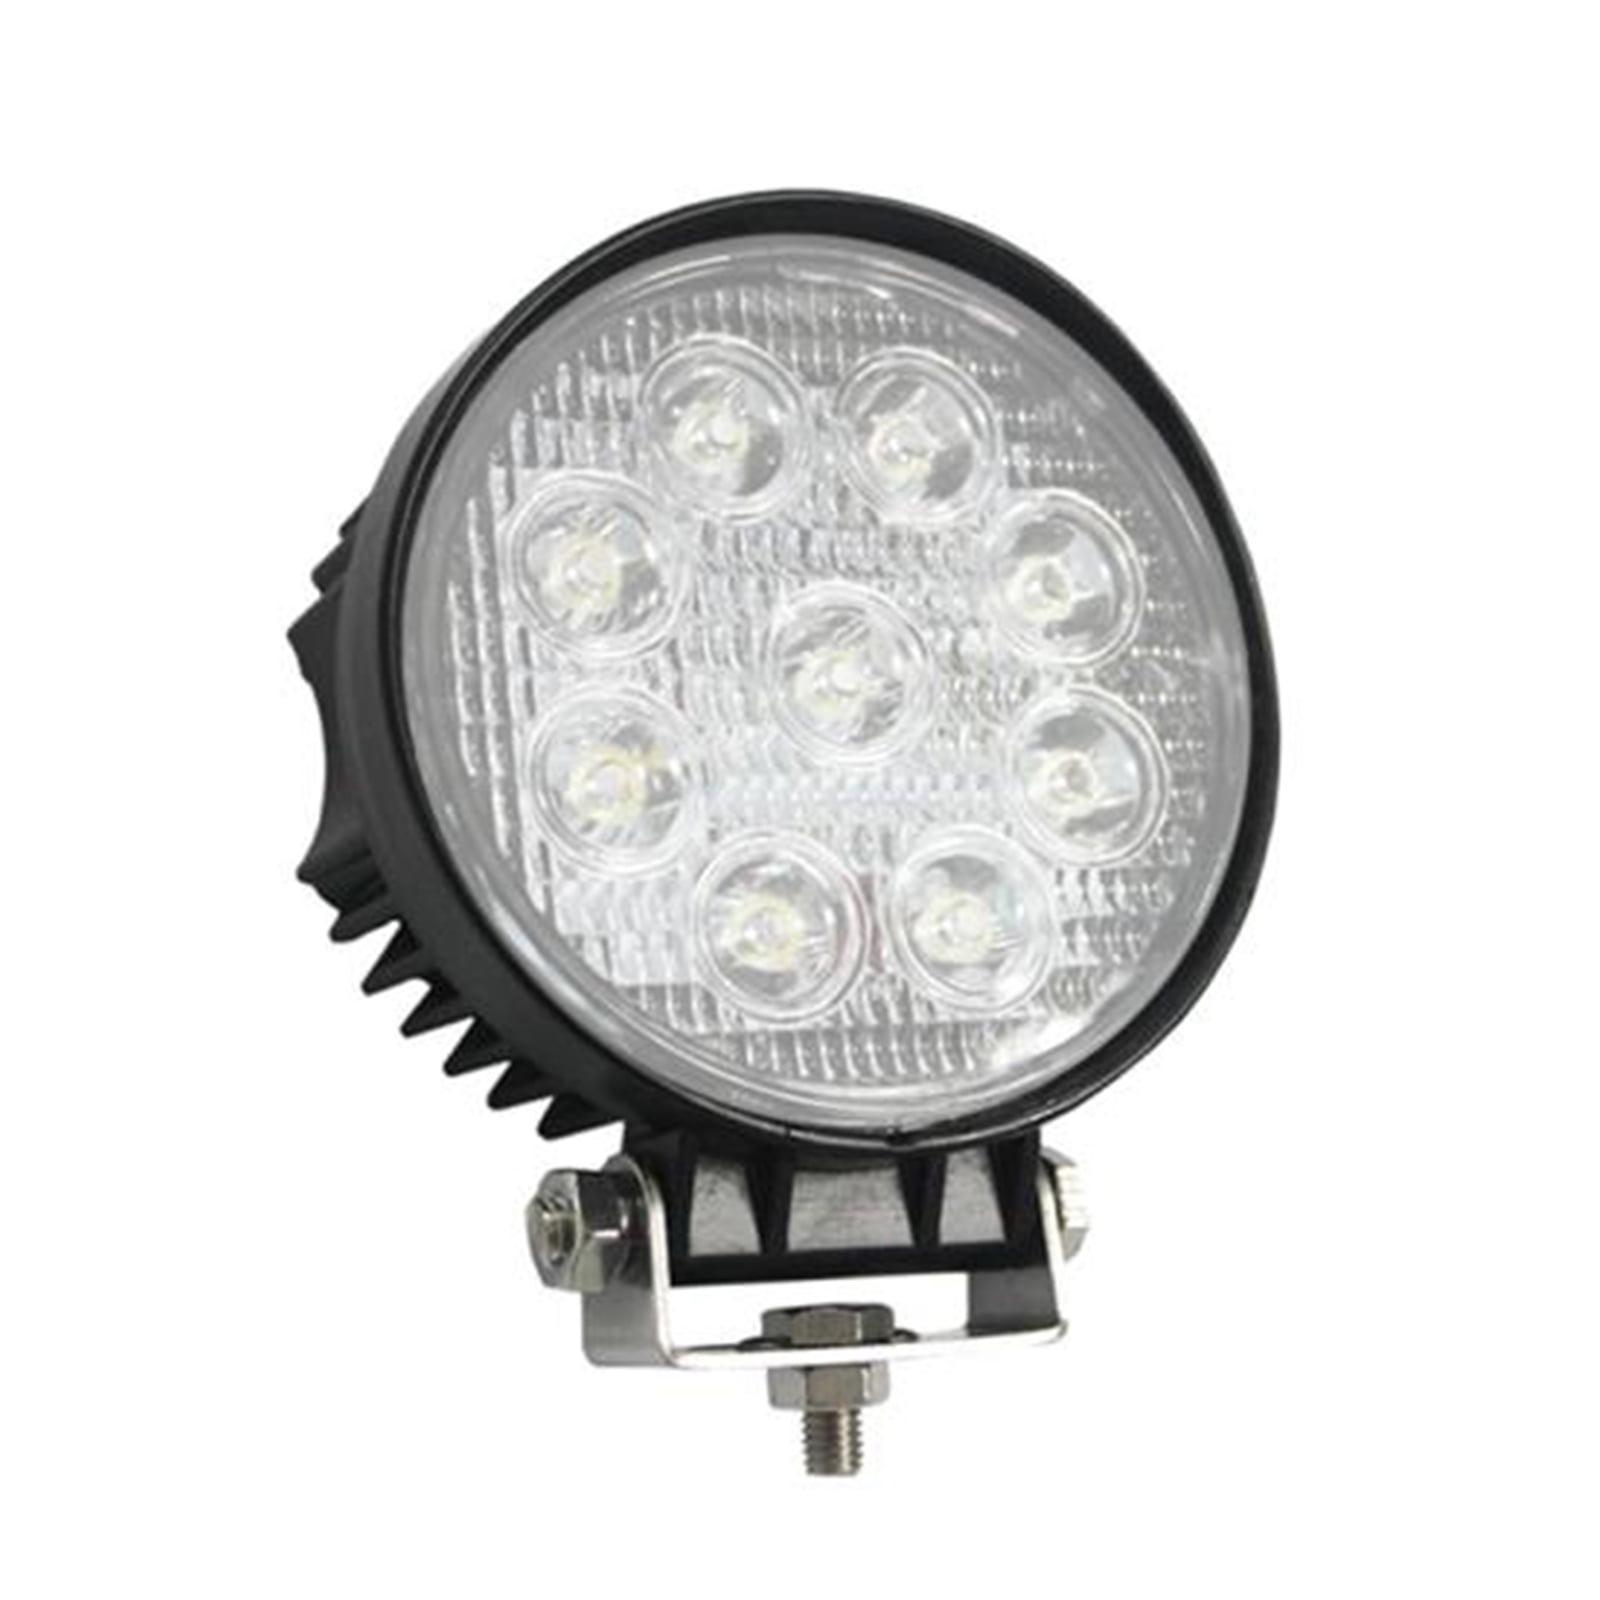 """LED Lamp Spot Light - Water Resistant Beam Flood Light (27 Watt, 4.4"""")"""